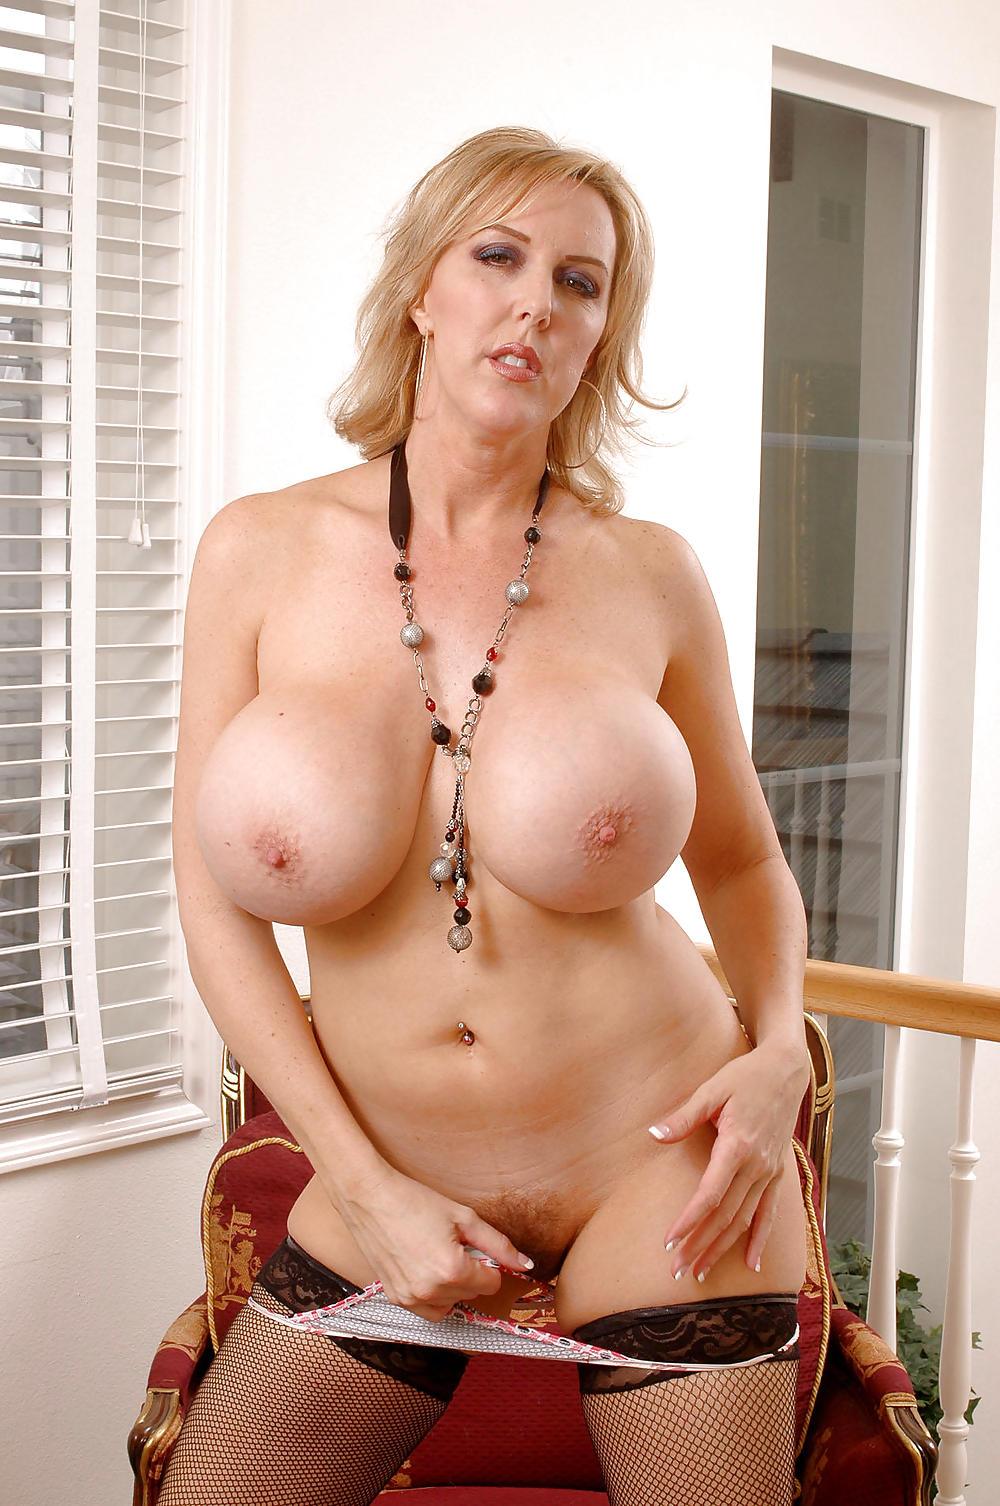 Сисястые Зрелые Женщины Порно Фото